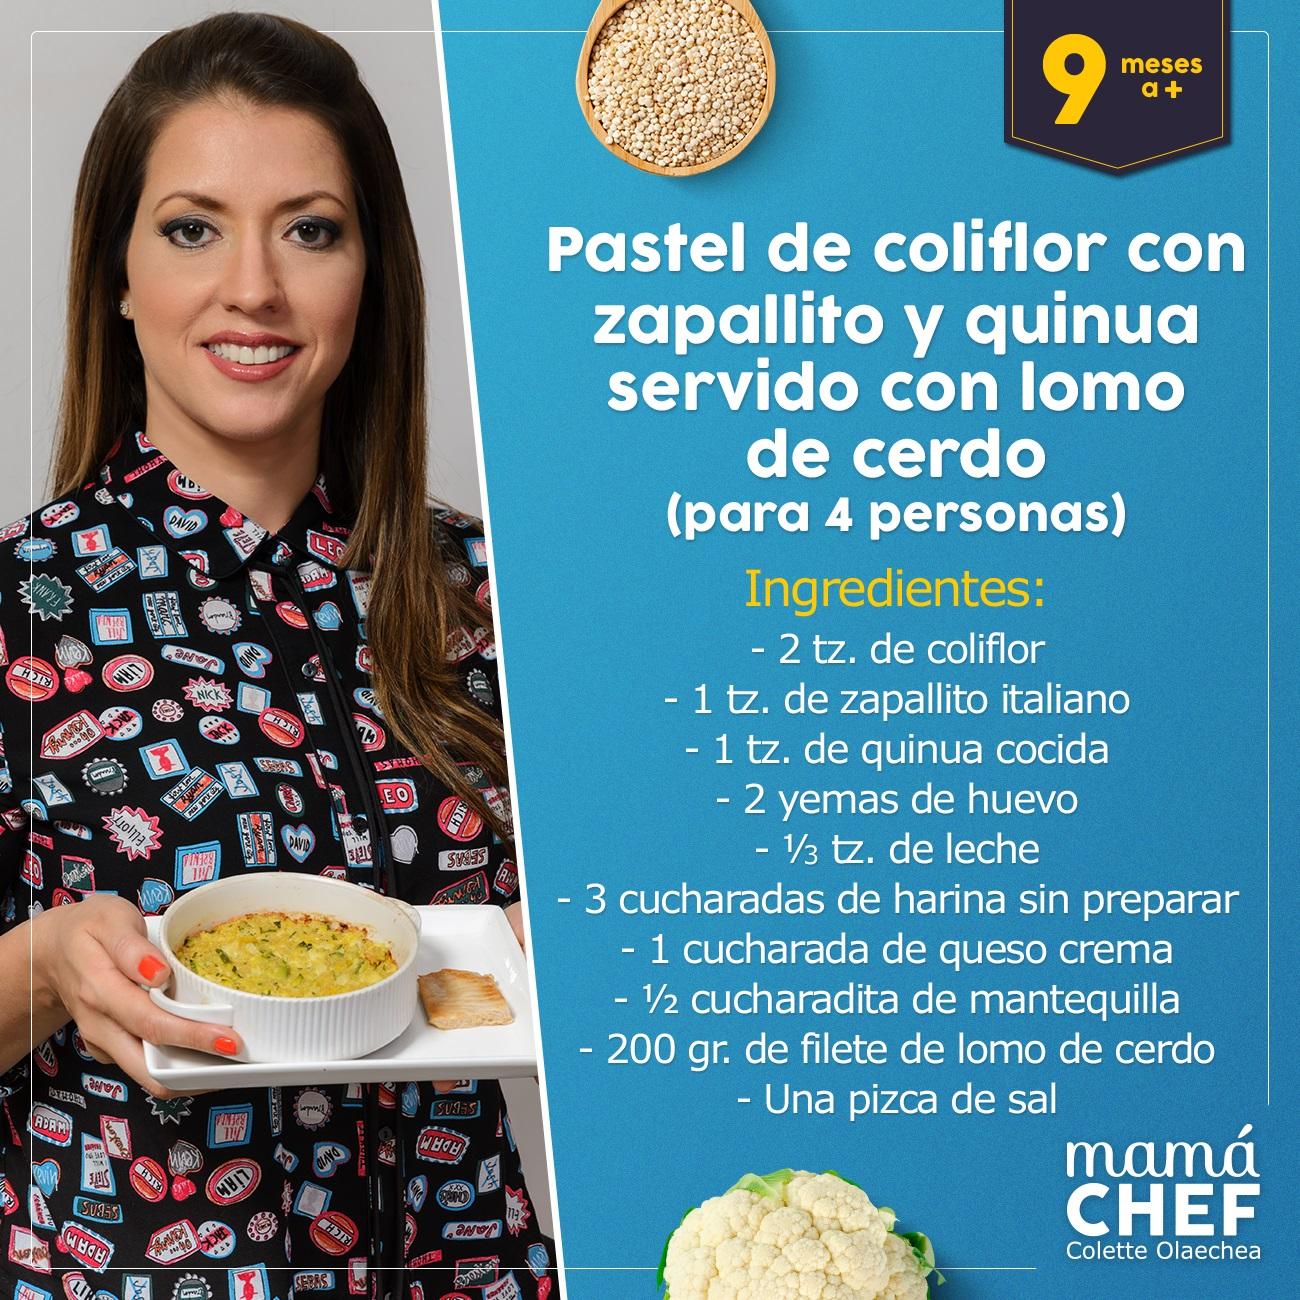 Pastel-de-coliflor Mama Chef Colette Olaechea  papillas para bebes 9 meses